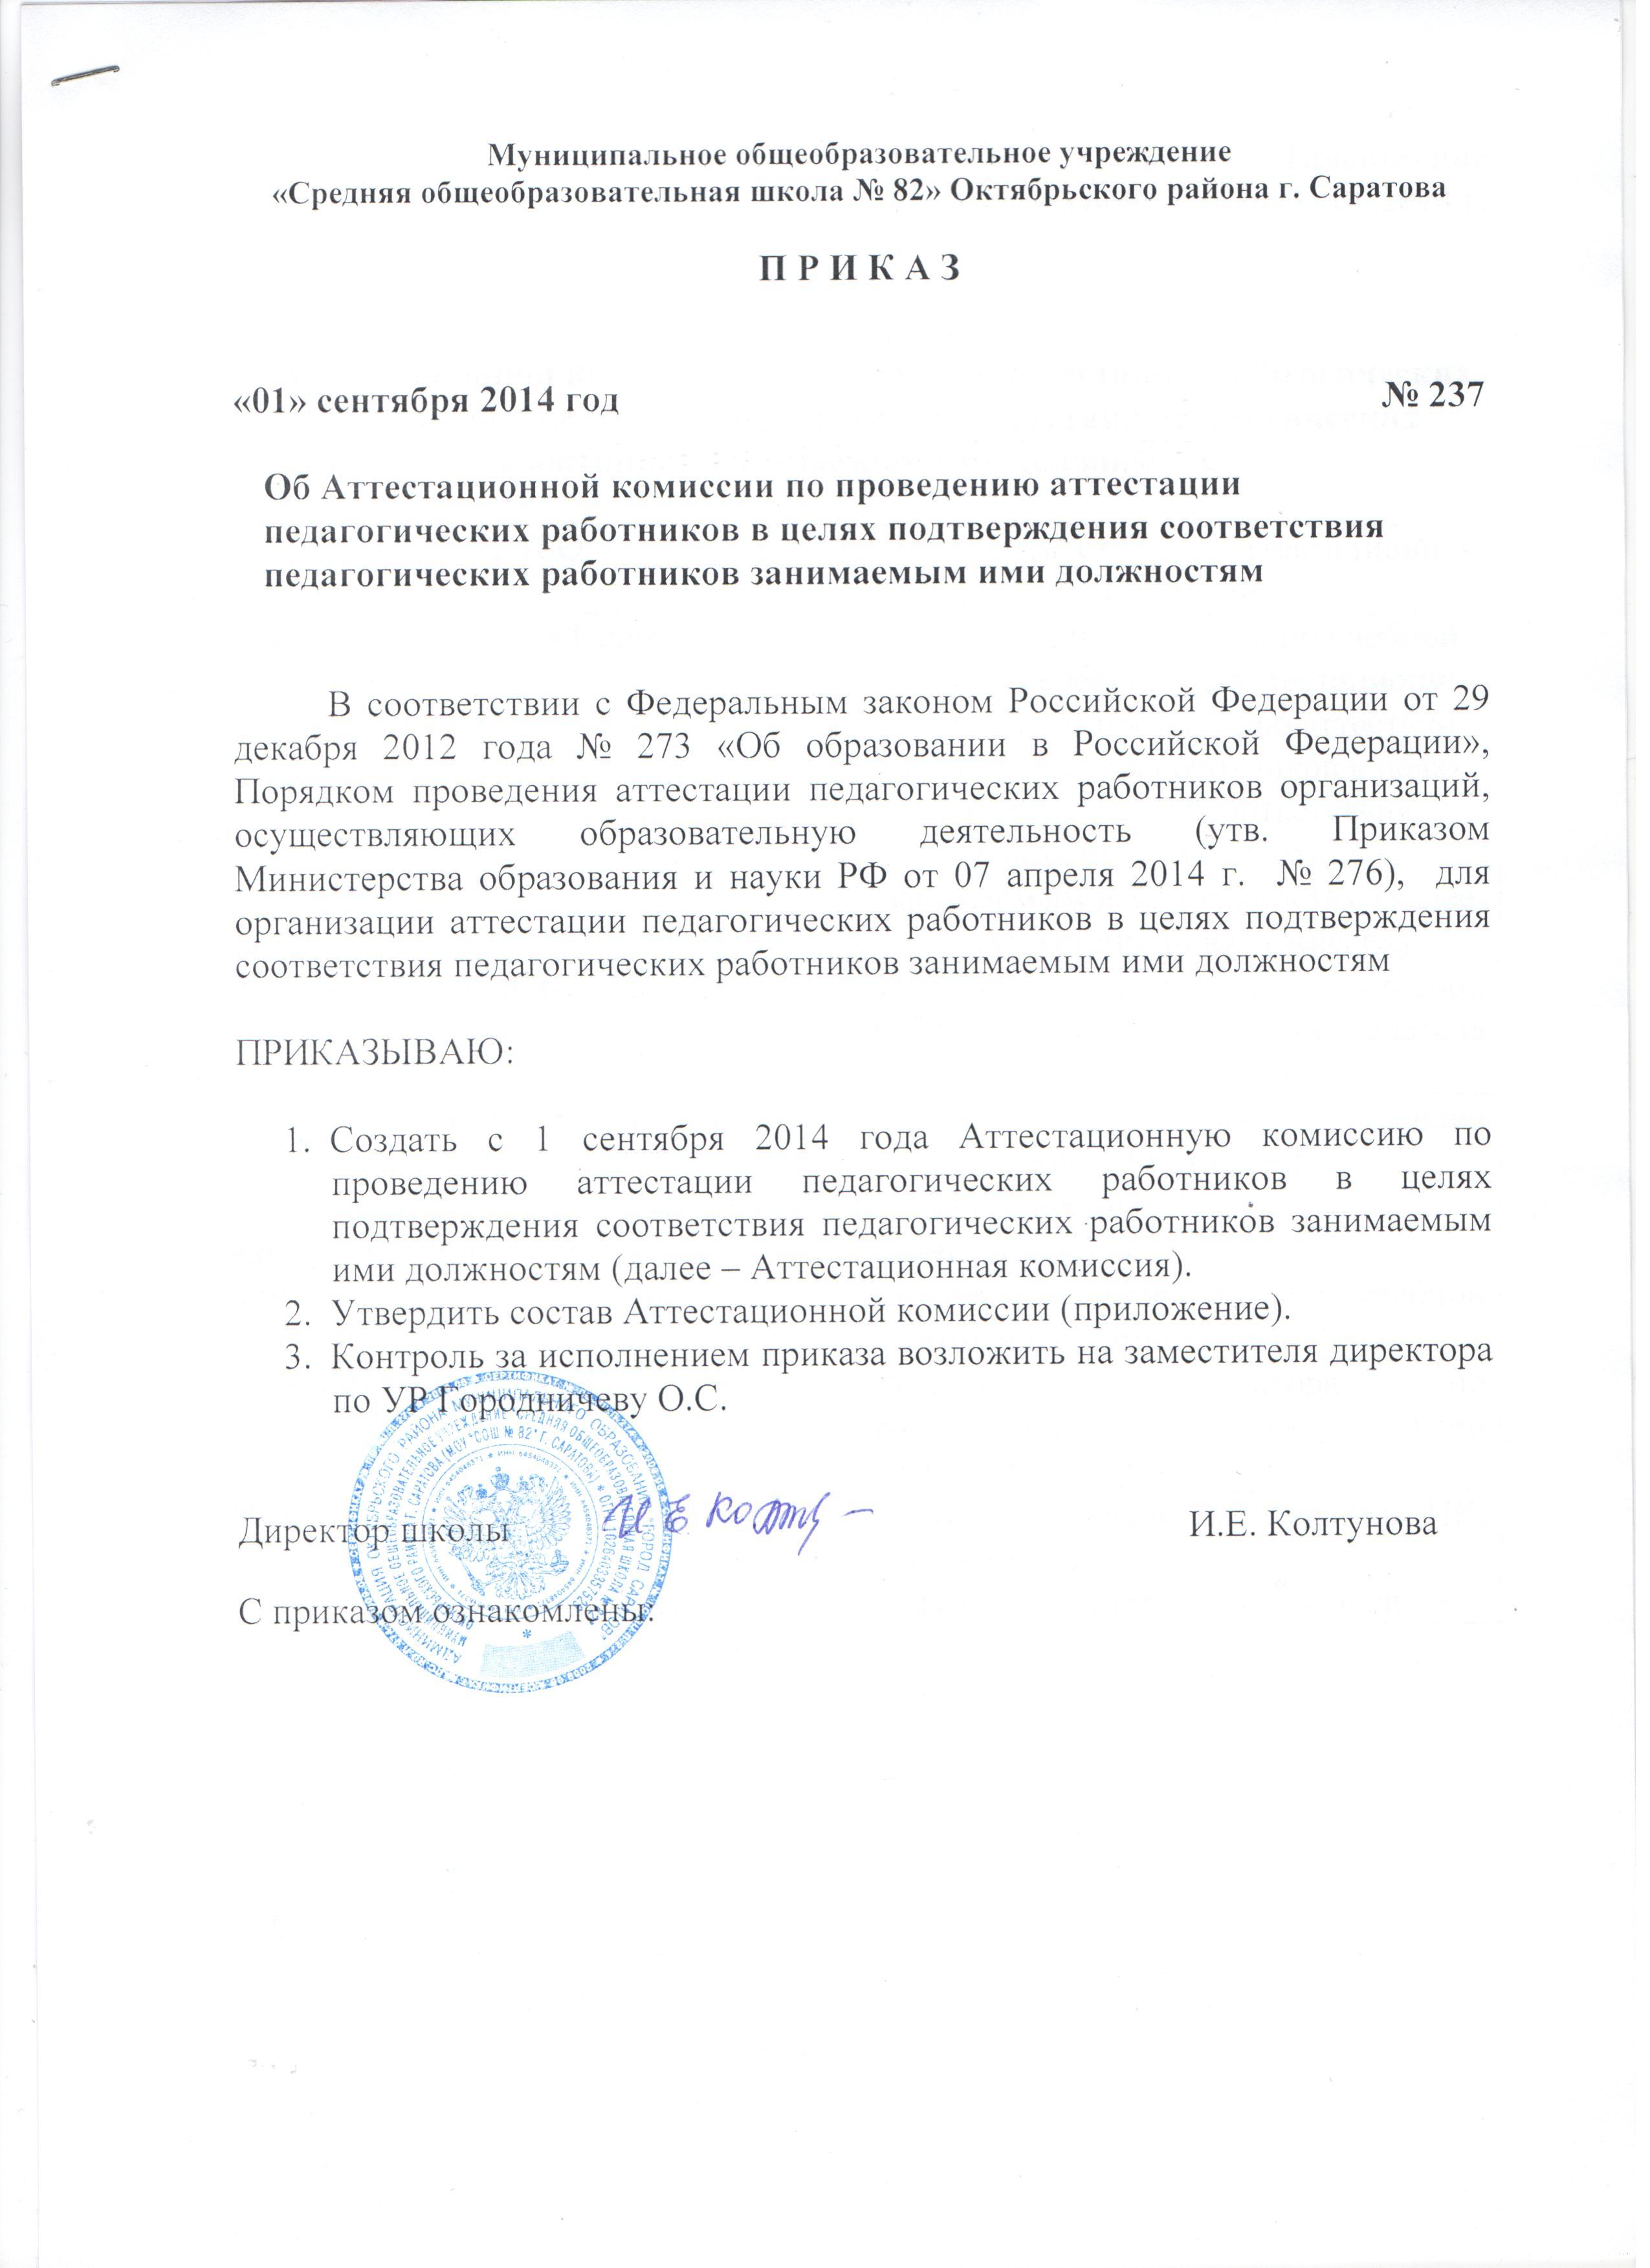 Положение об аттестационной комиссии гбпоу нсо